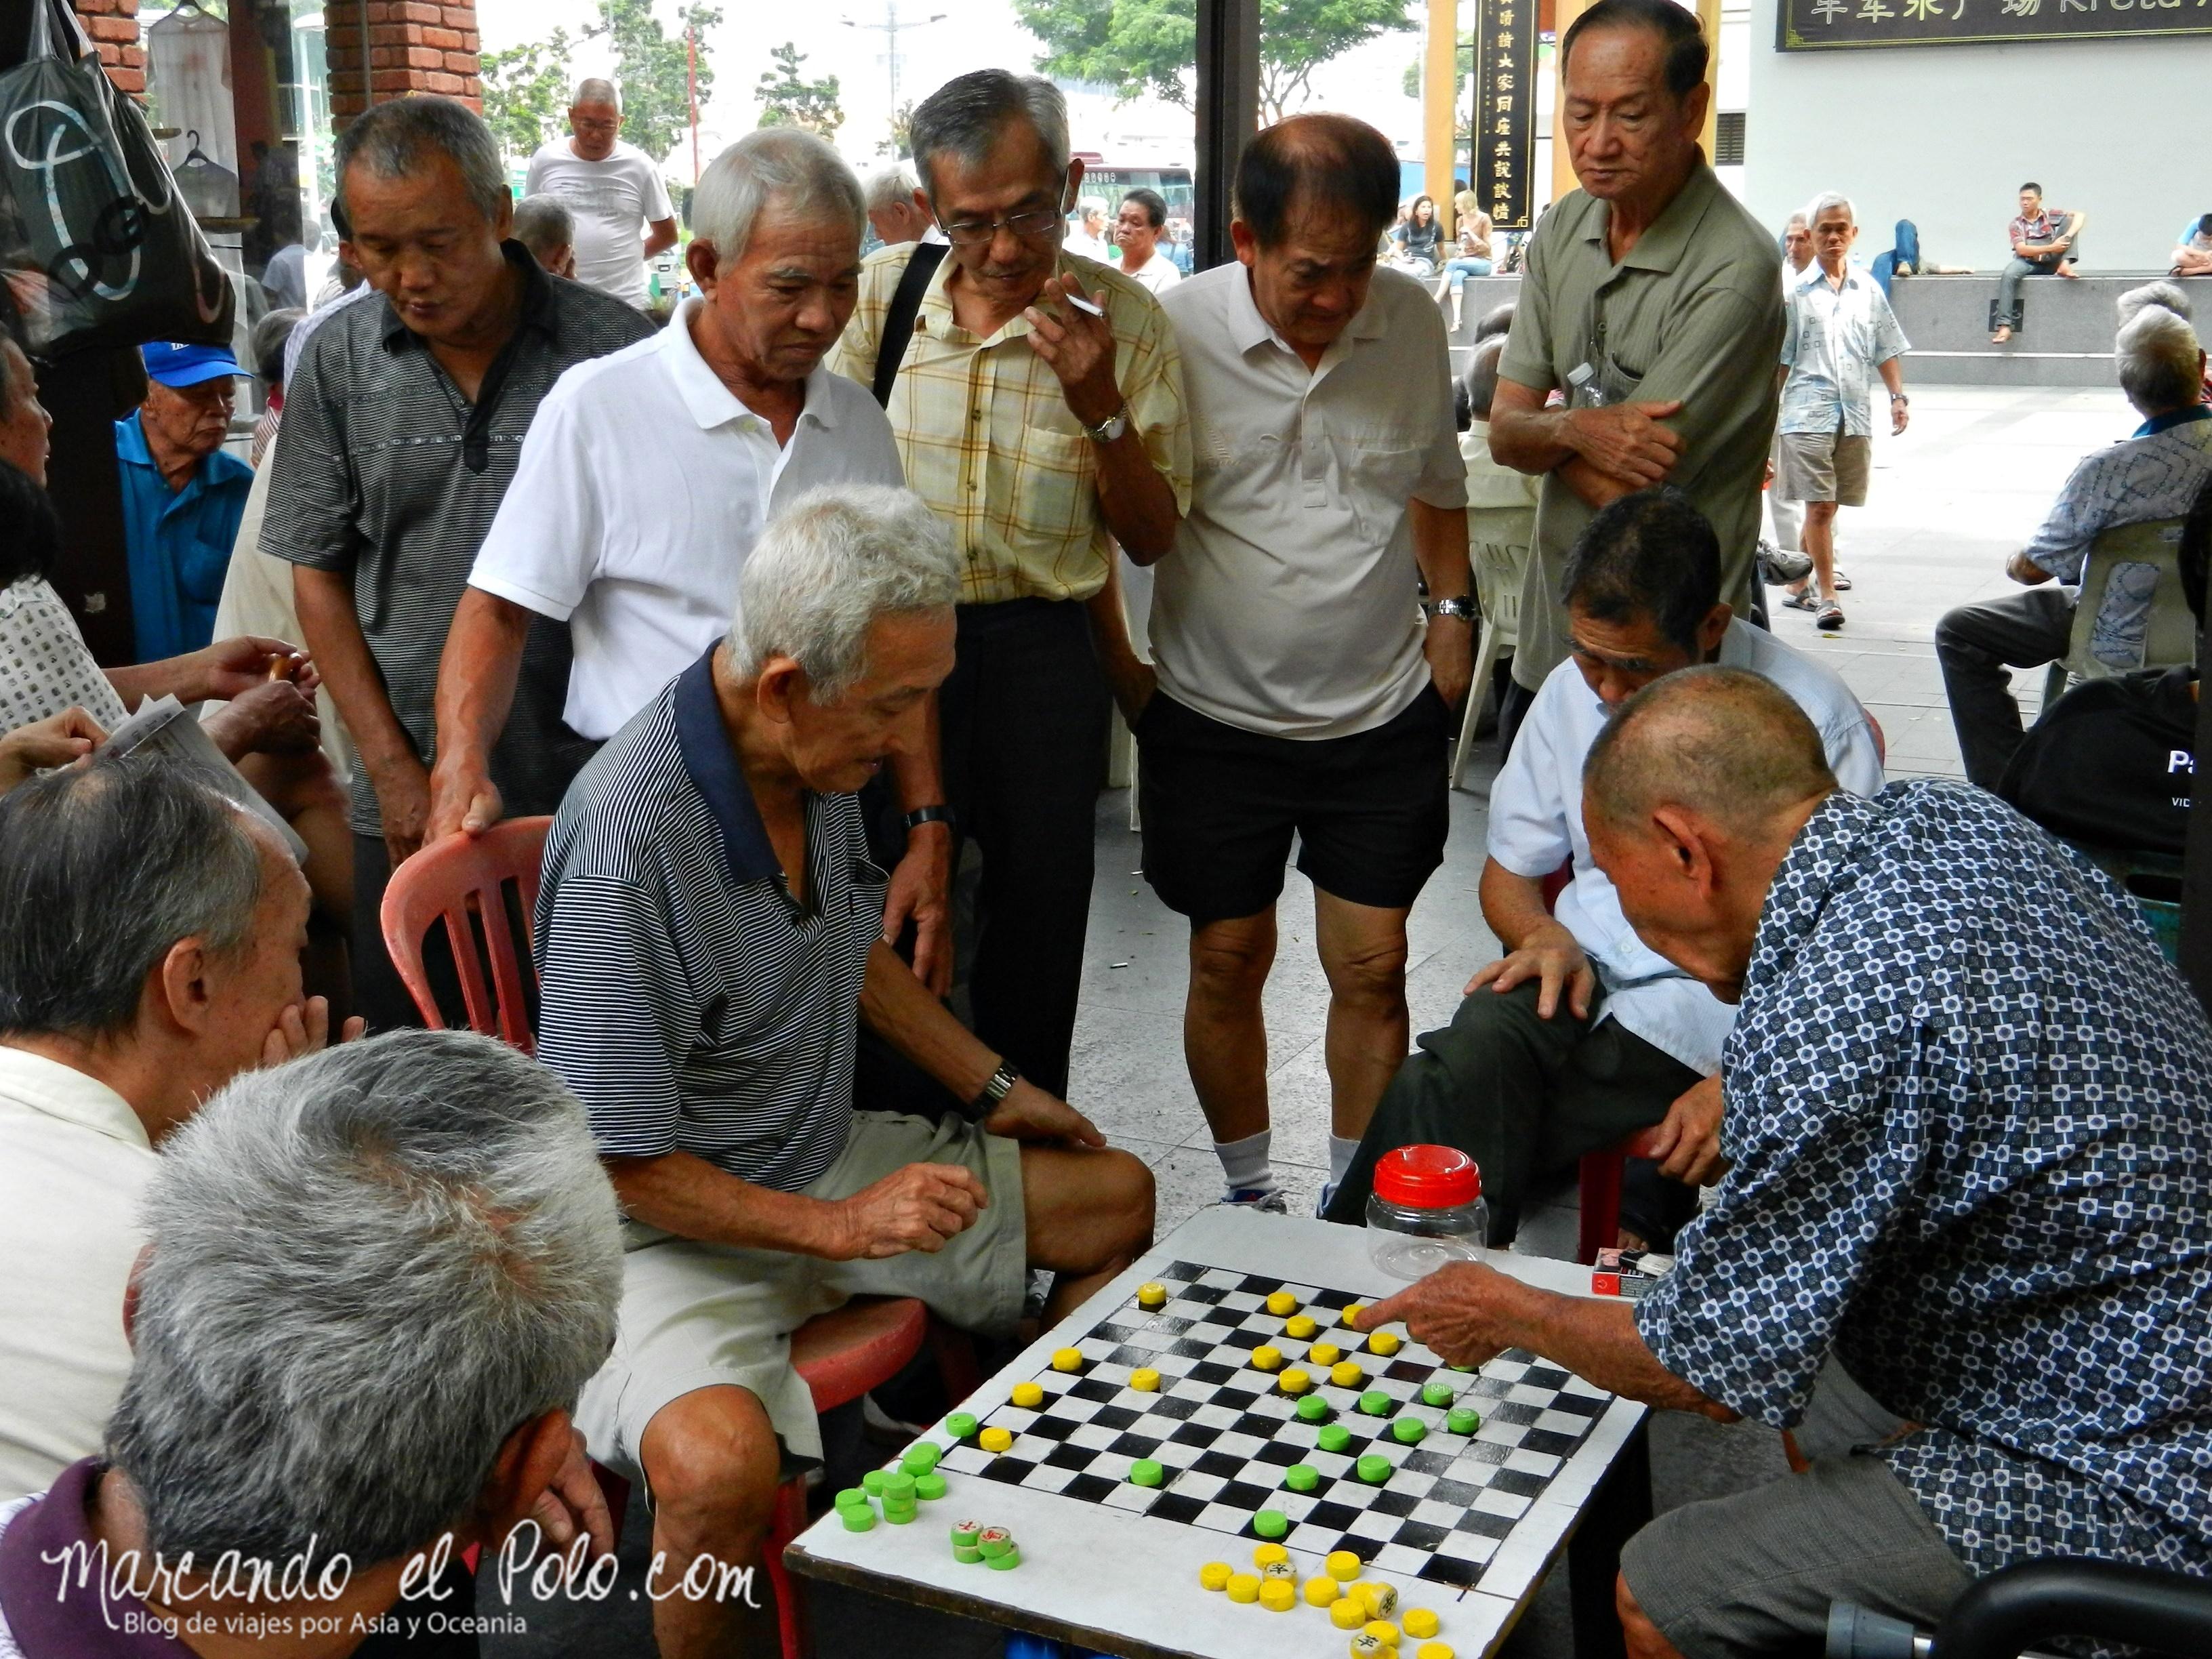 Hombres jugando en el barrio chino, Singapur, sia